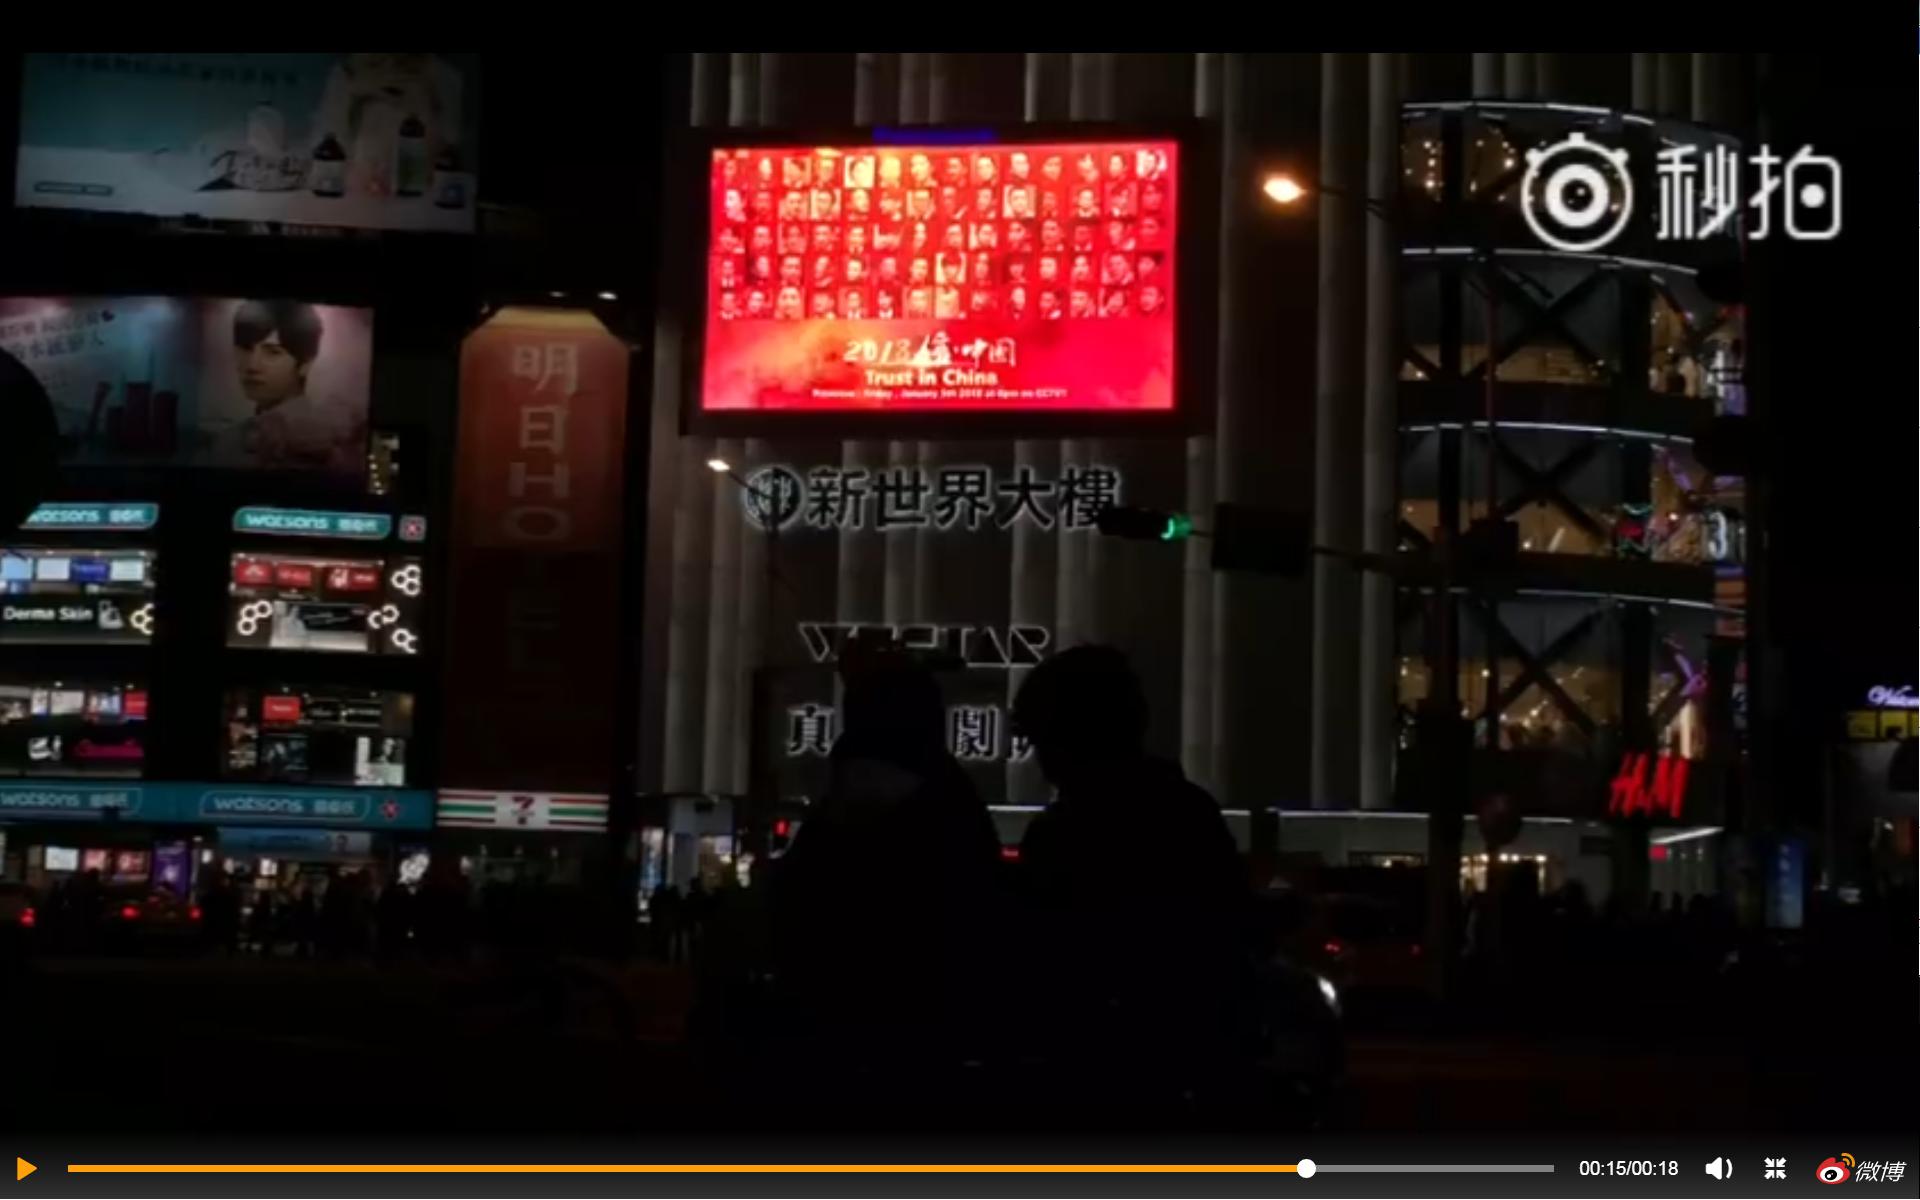 圖片擷取自CCTV信中國微博